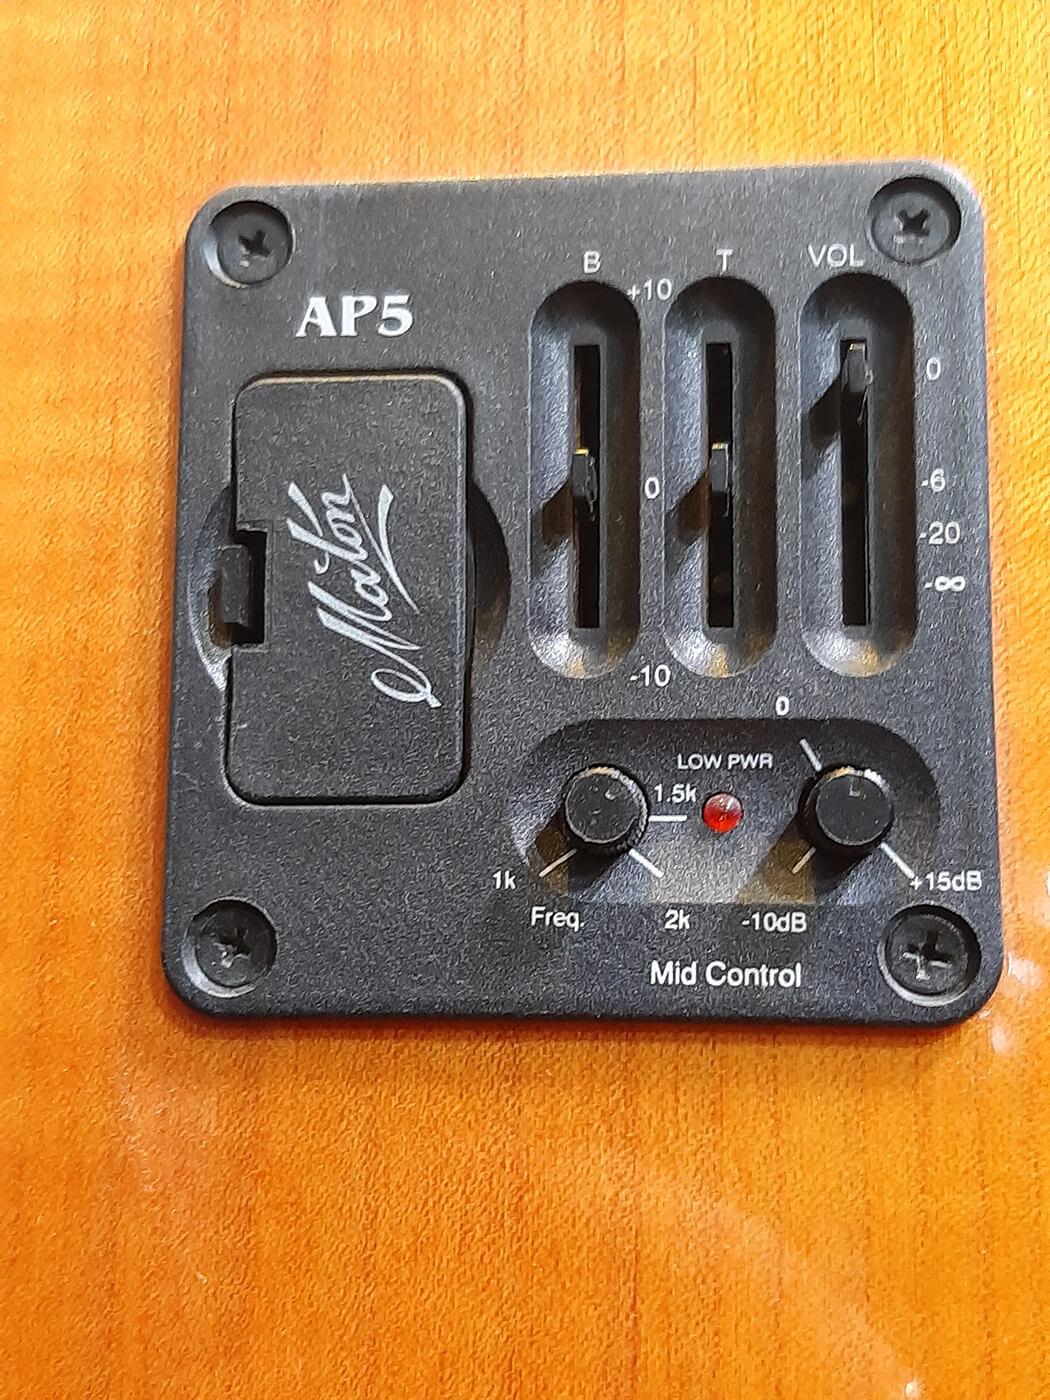 2005 Flaming Arrow Controls